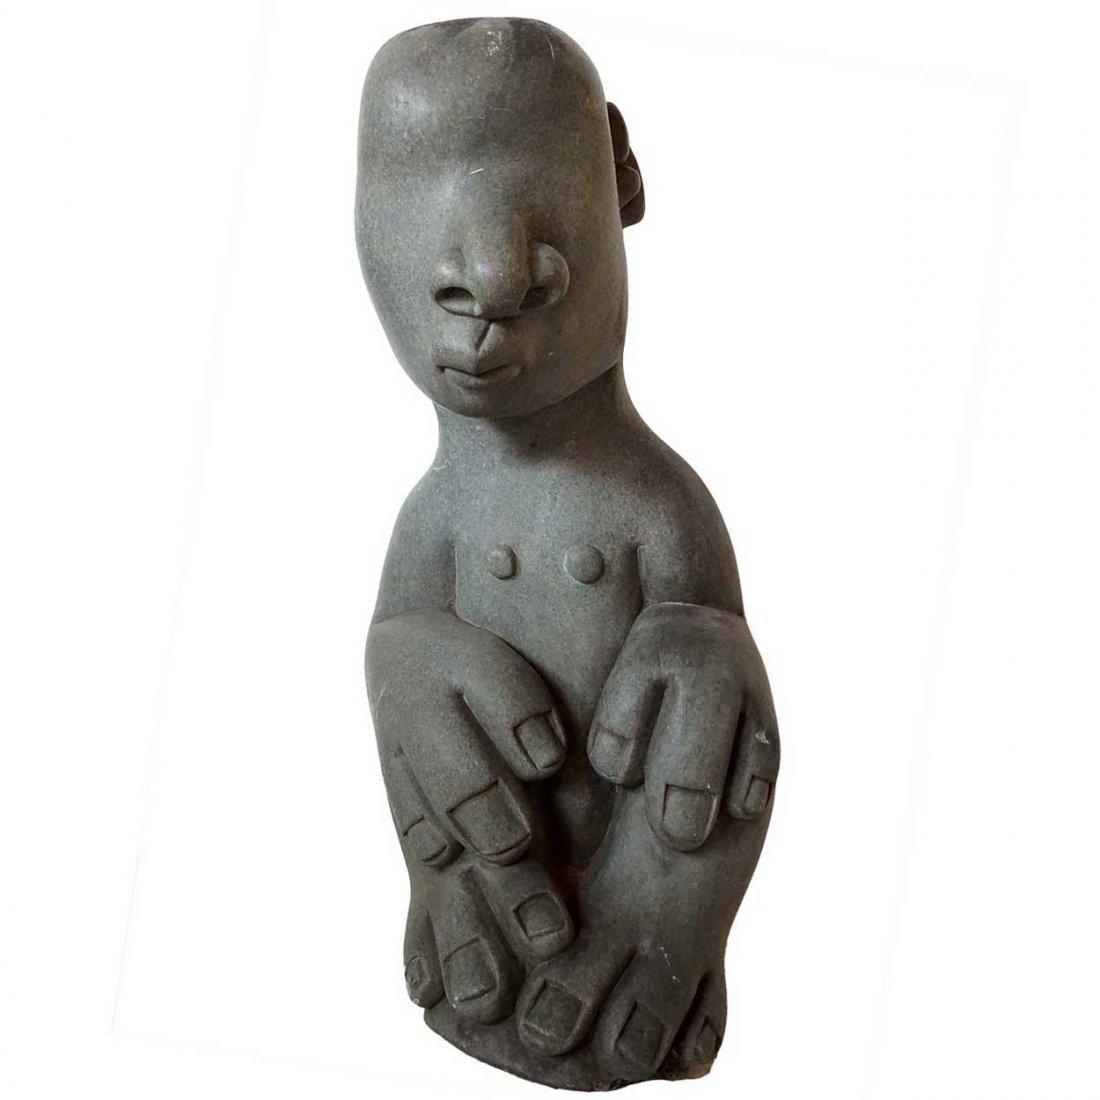 BERNARD MATEMERA Large Stone Shona Sculpture Figure